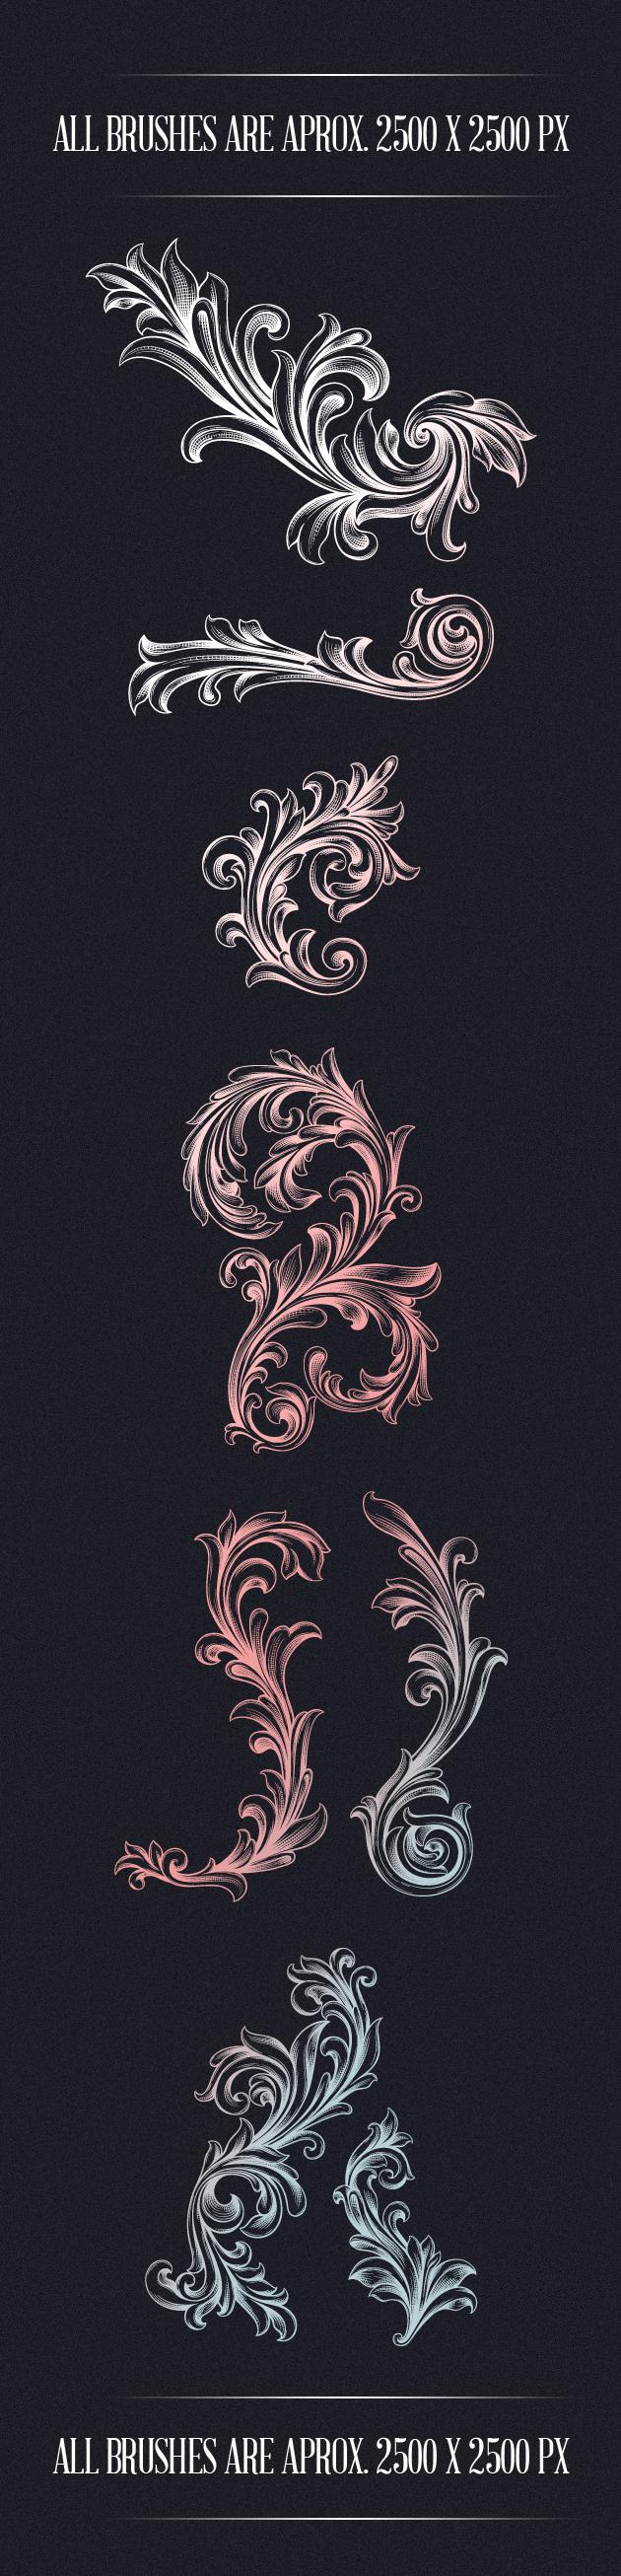 Engraved-Floral-Photoshop-Brushes designtn brushes floral large